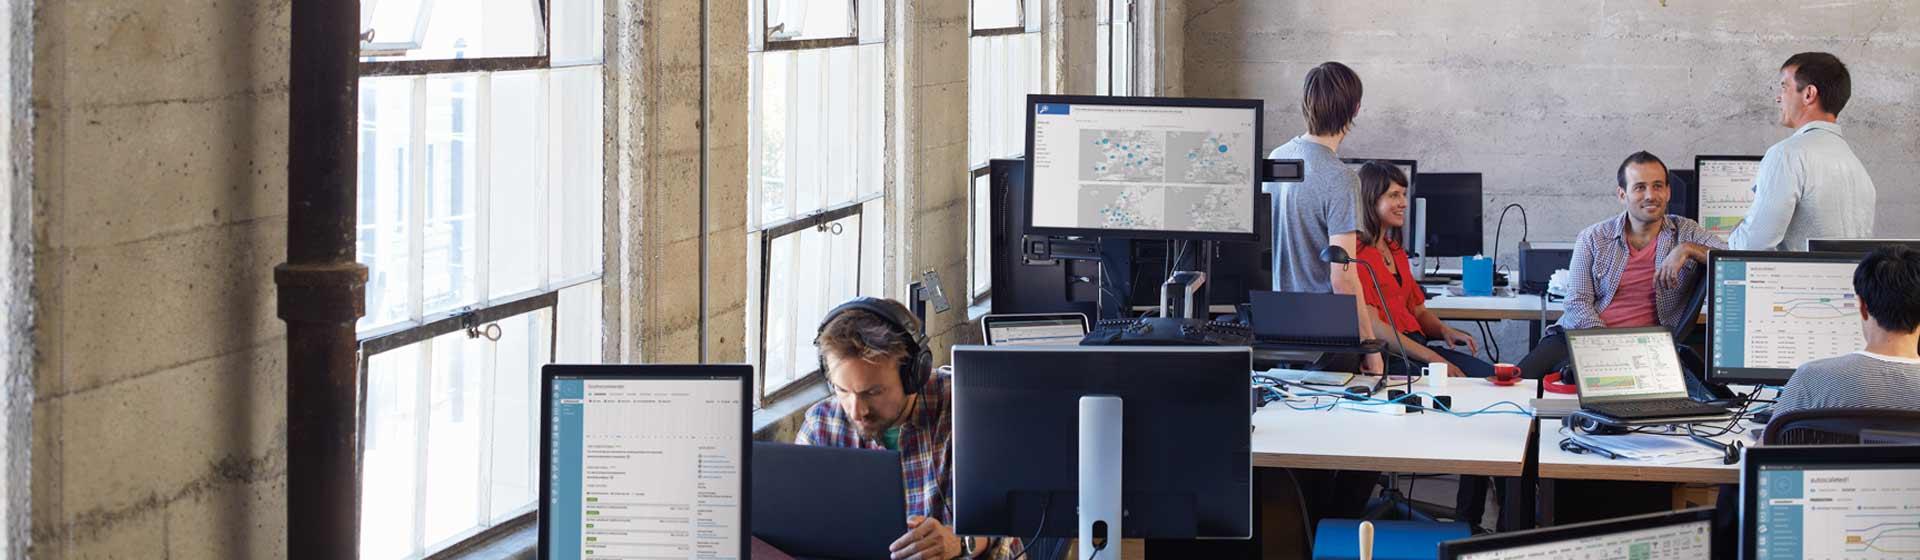 Um grupo de colegas sentados e em pé à volta de secretárias num escritório com computadores a executar o Office 365